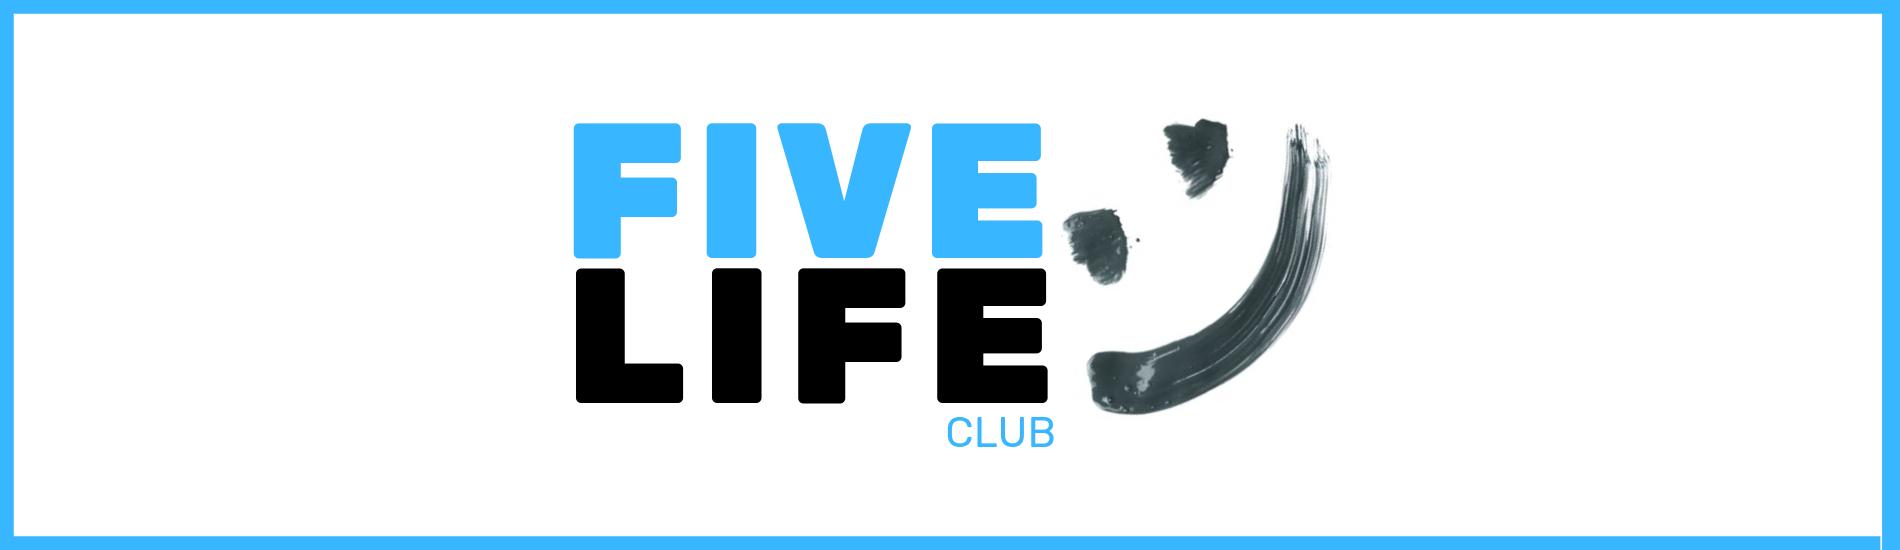 5 life club paul knight coachiing